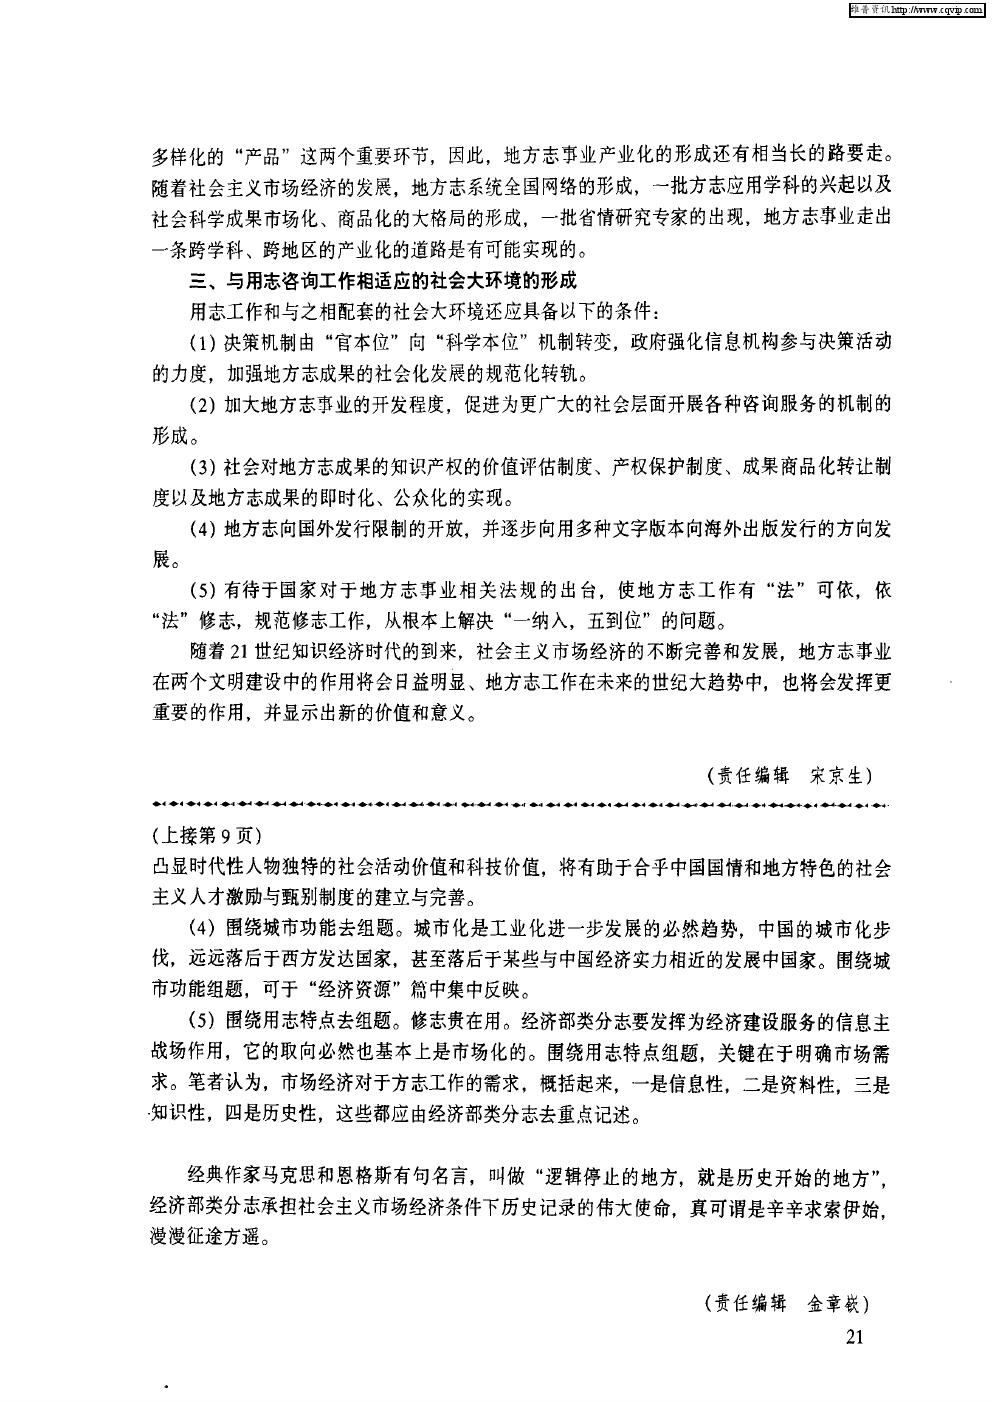 续志经济部类分志编纂若干问题探要5.png